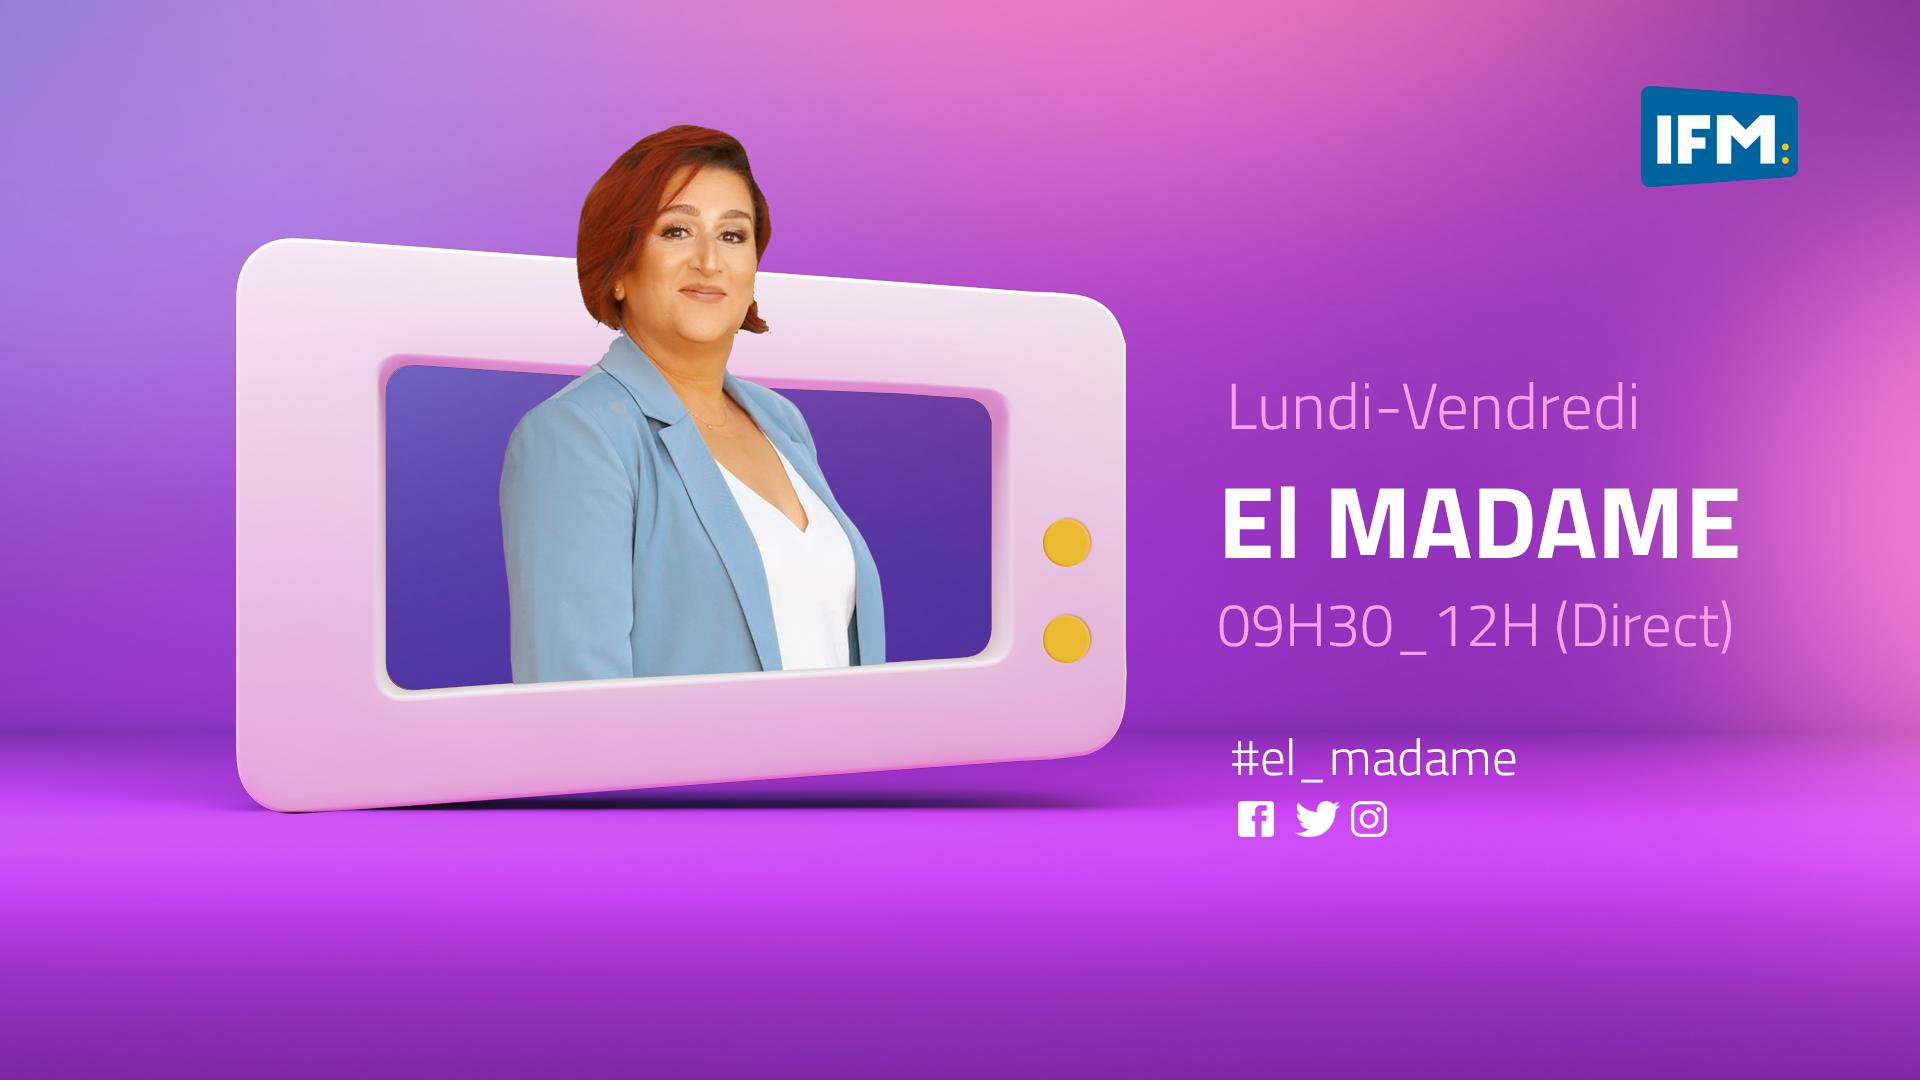 El Madame Wajiha El Madame : Le 13-10-2021